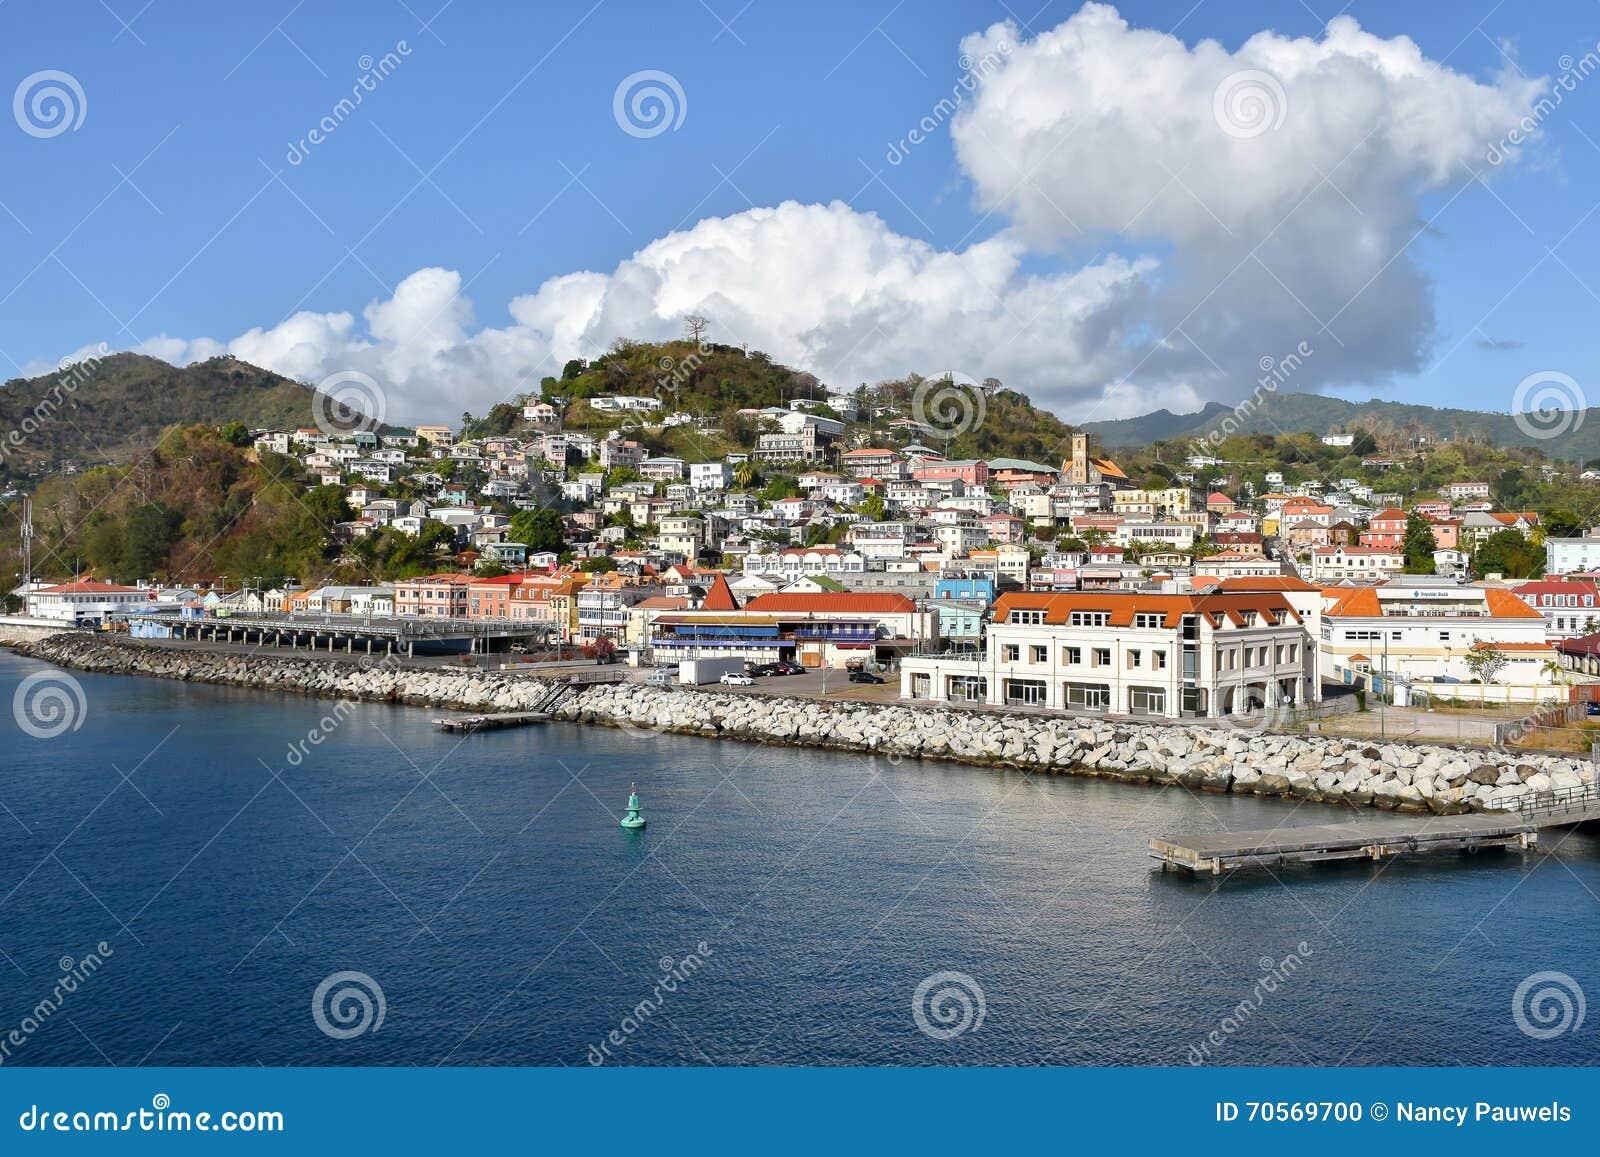 StGeorge, Grenada